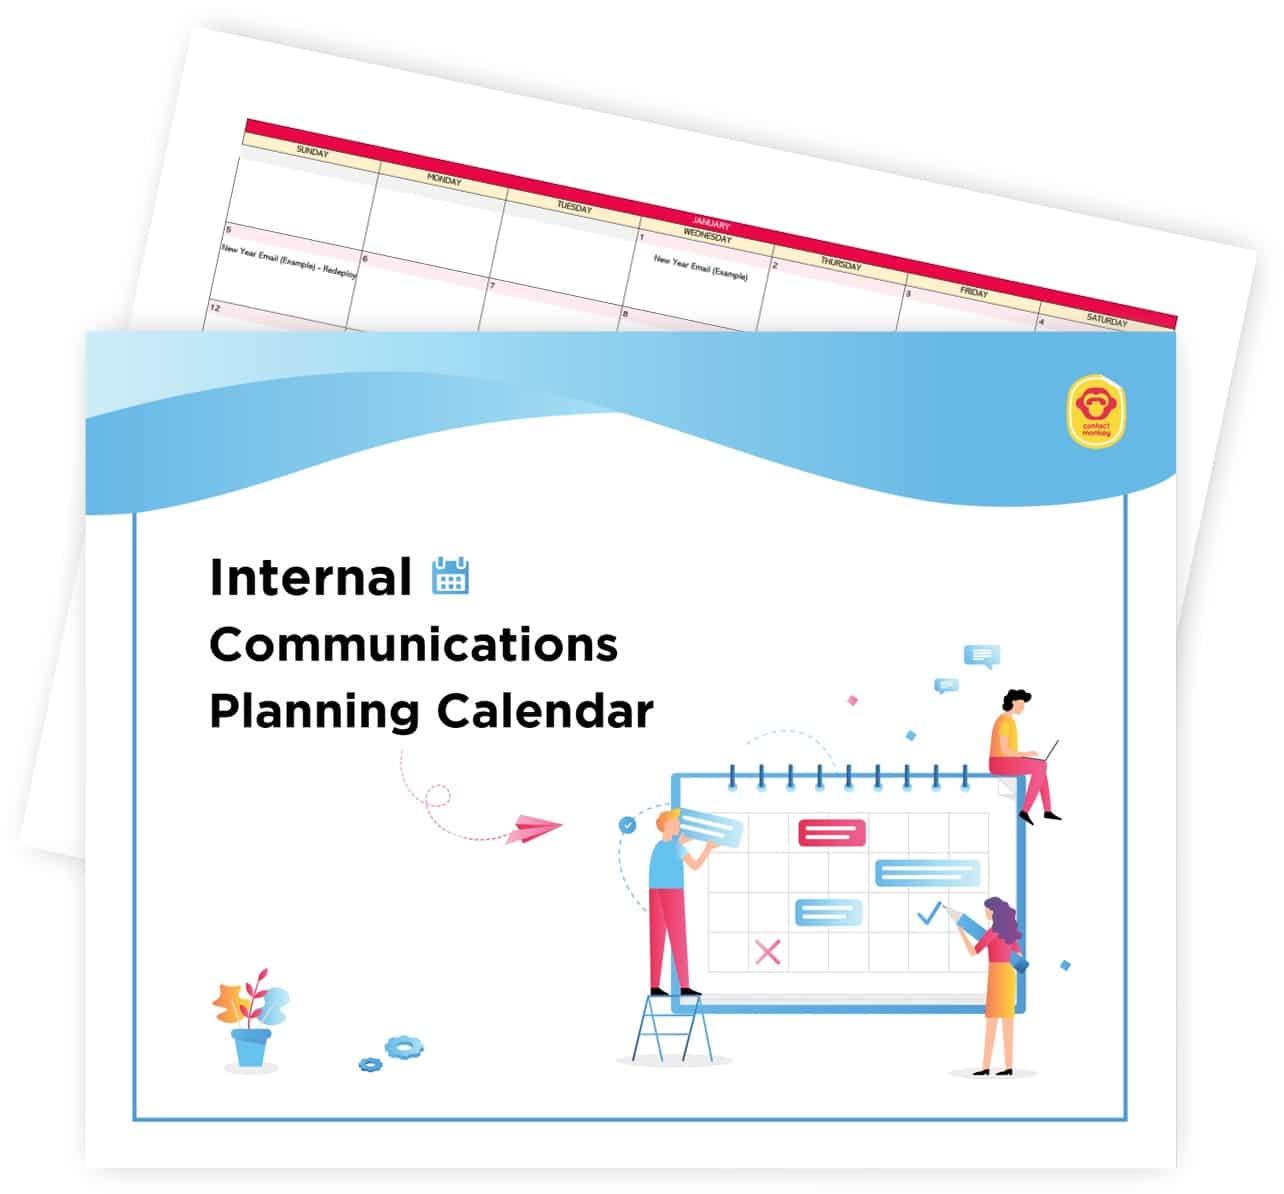 internal-communications-content-planning-calendar